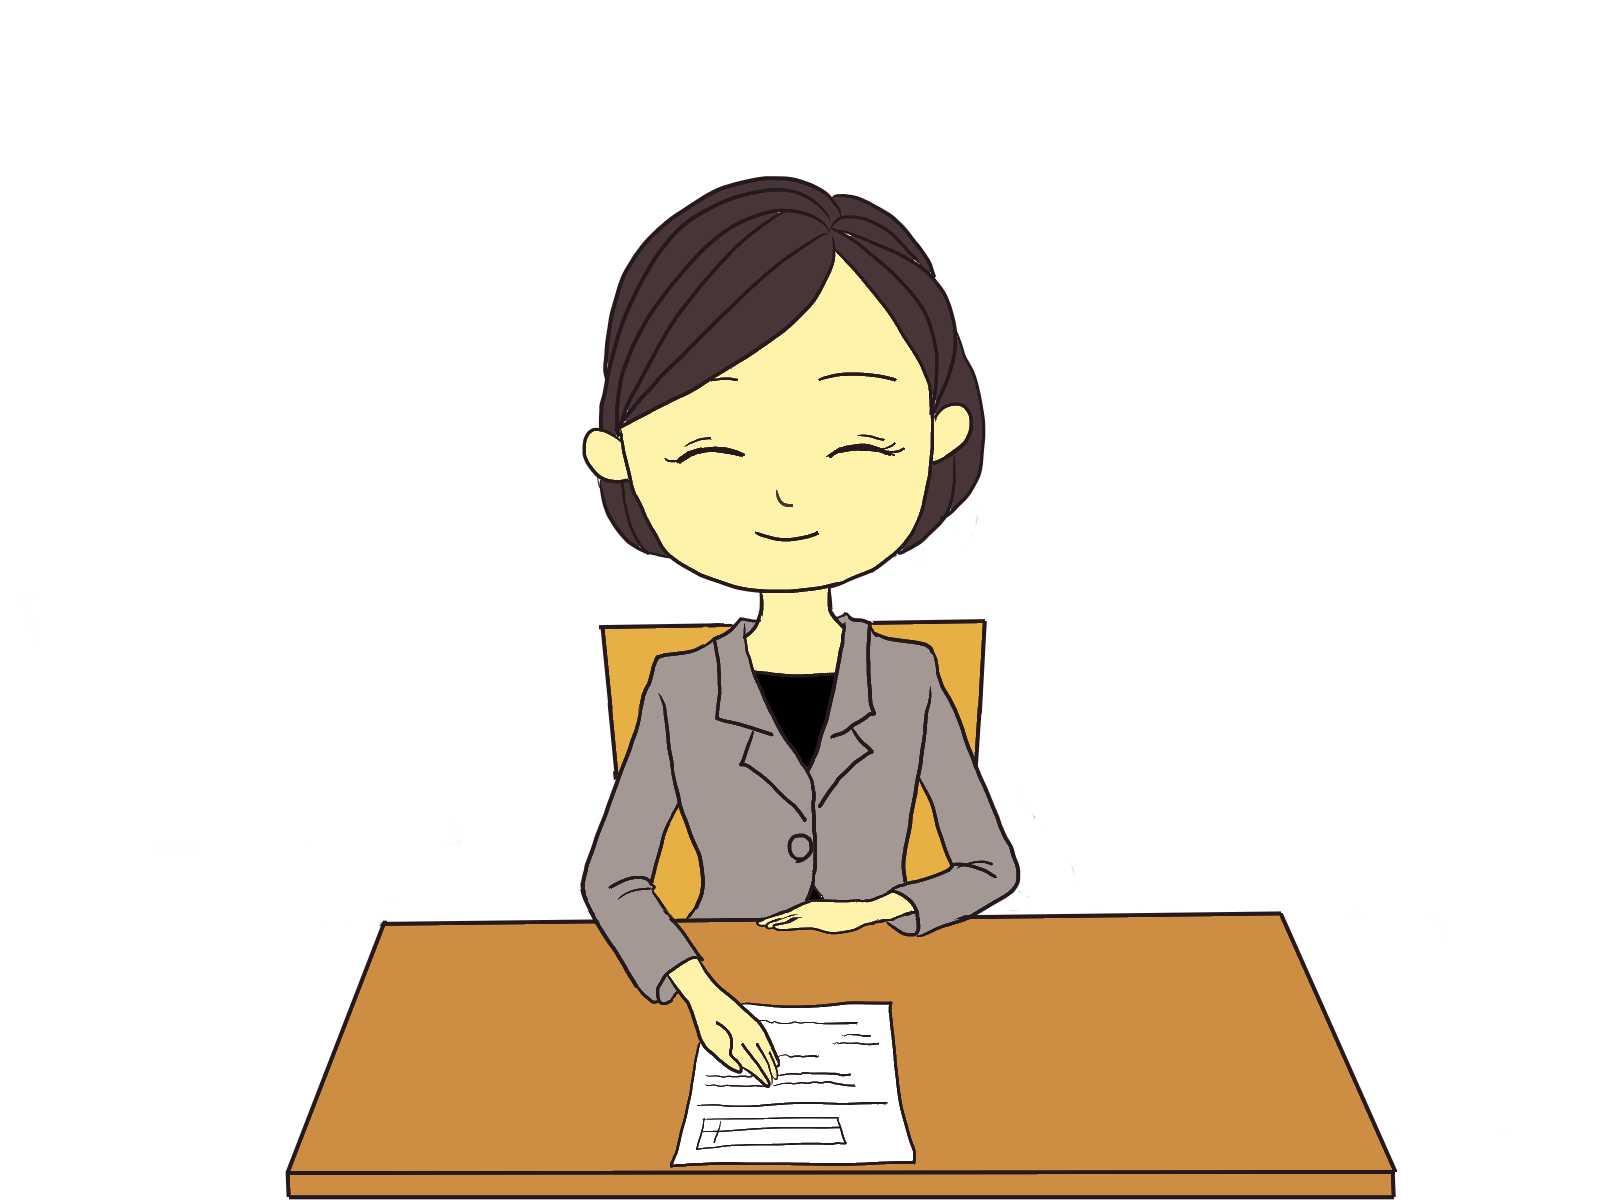 失業手当の会社都合の流れは?日数や受給はいつからか20代の体験談